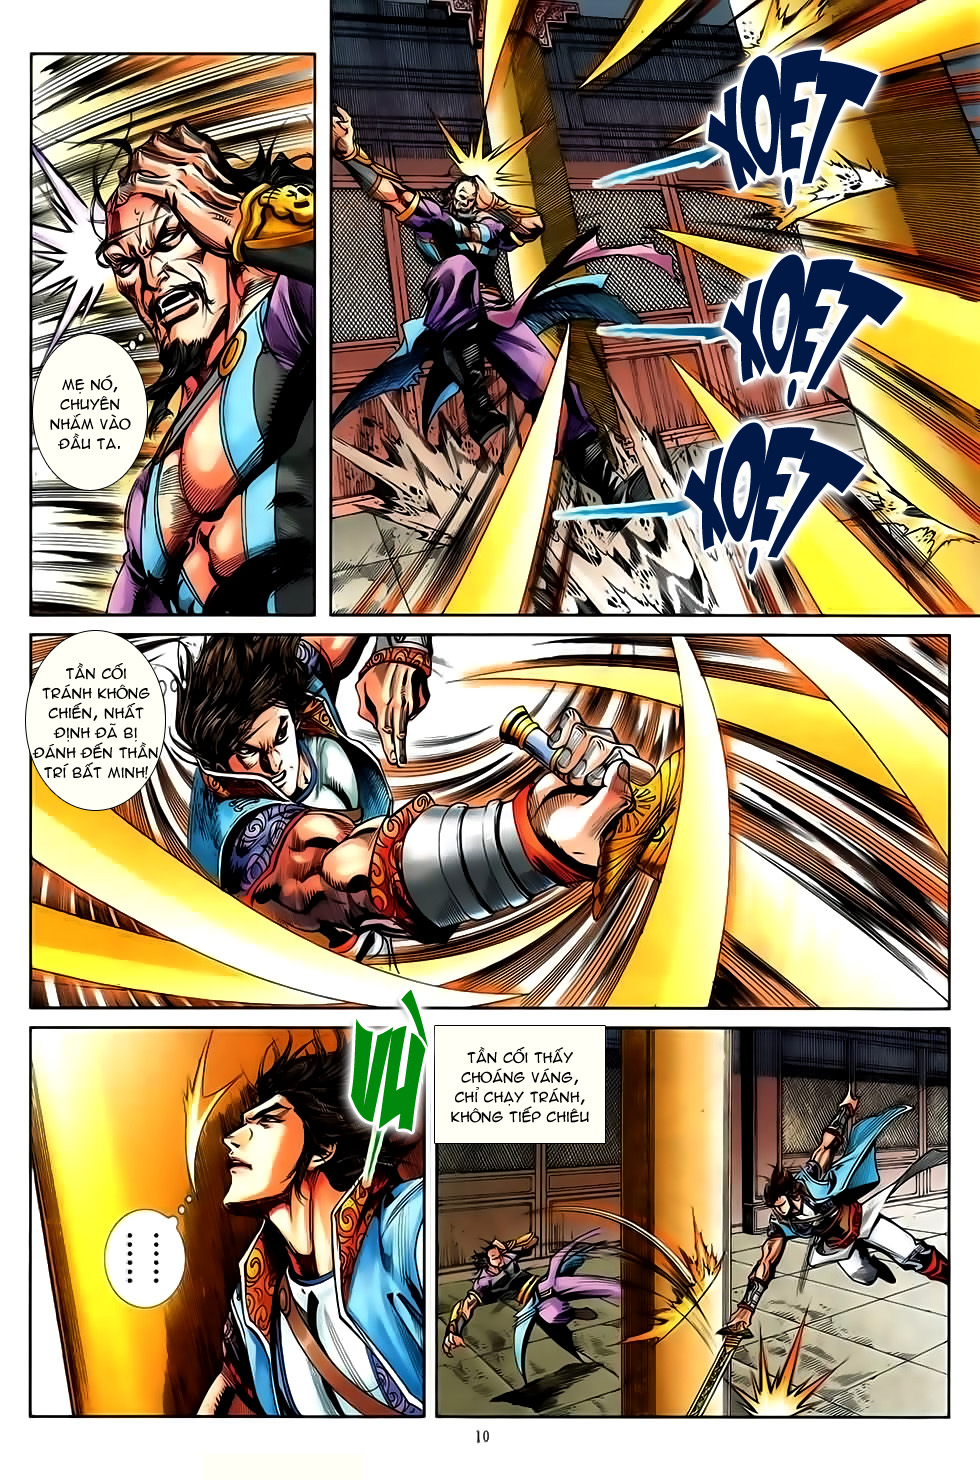 Đại Hiệp Truyền Kỳ (Thần Châu Hậu Truyện) chap 50 - Trang 9